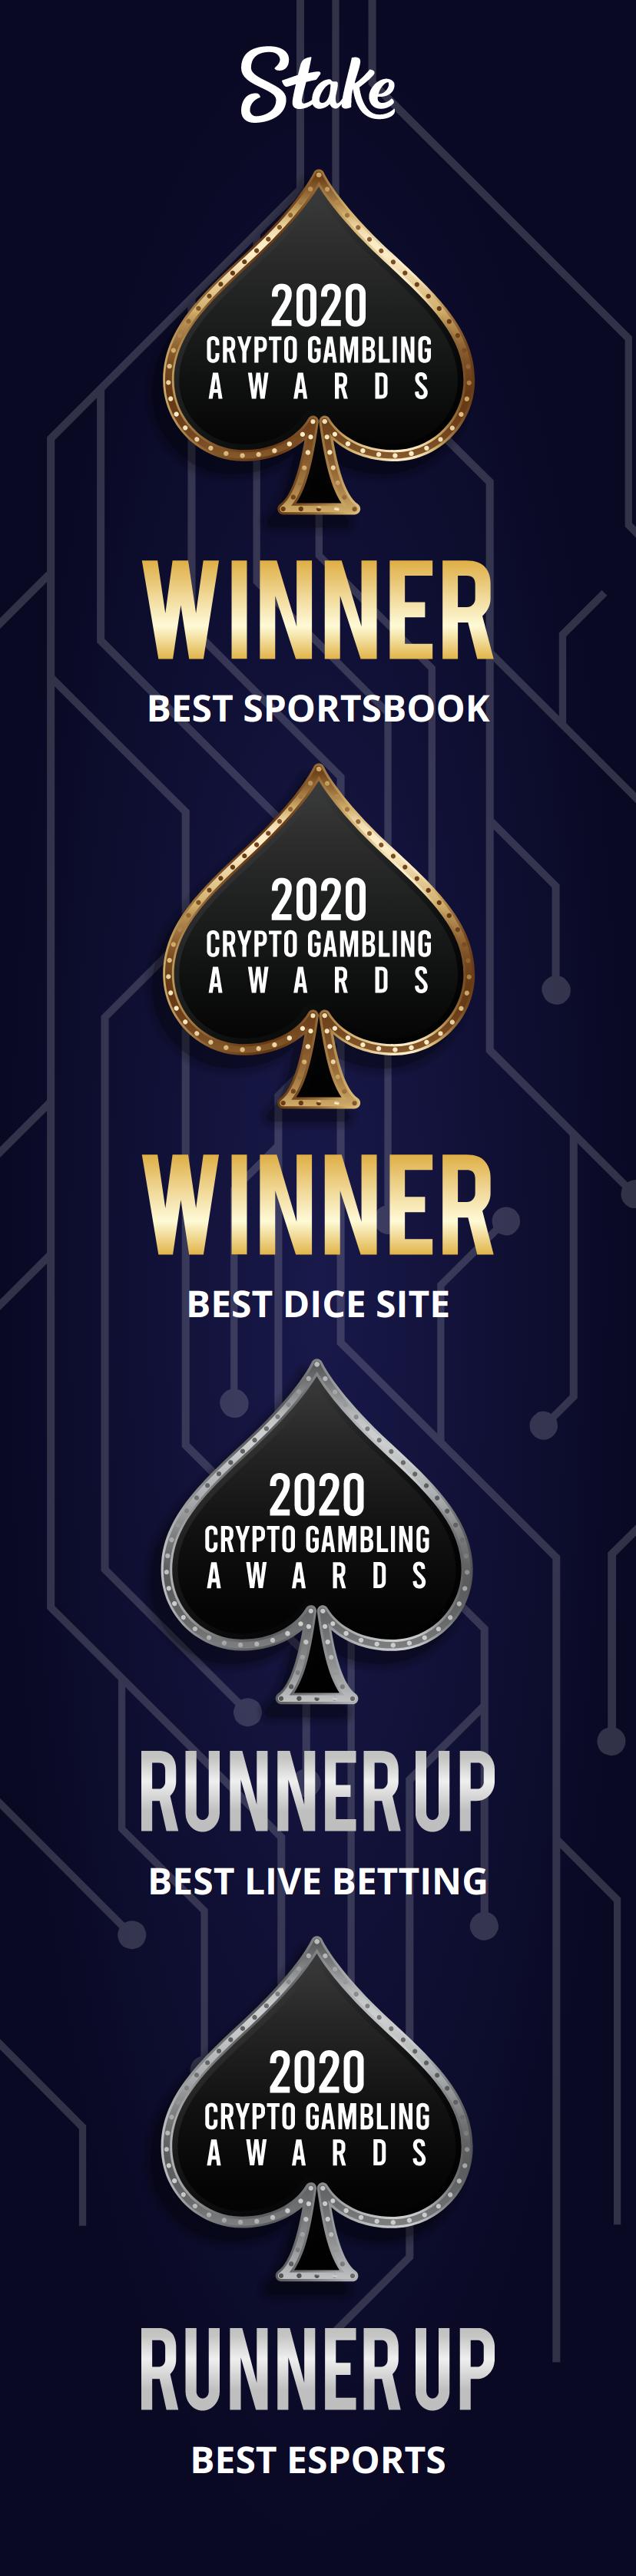 Crypto Gambling Awards won by Stake